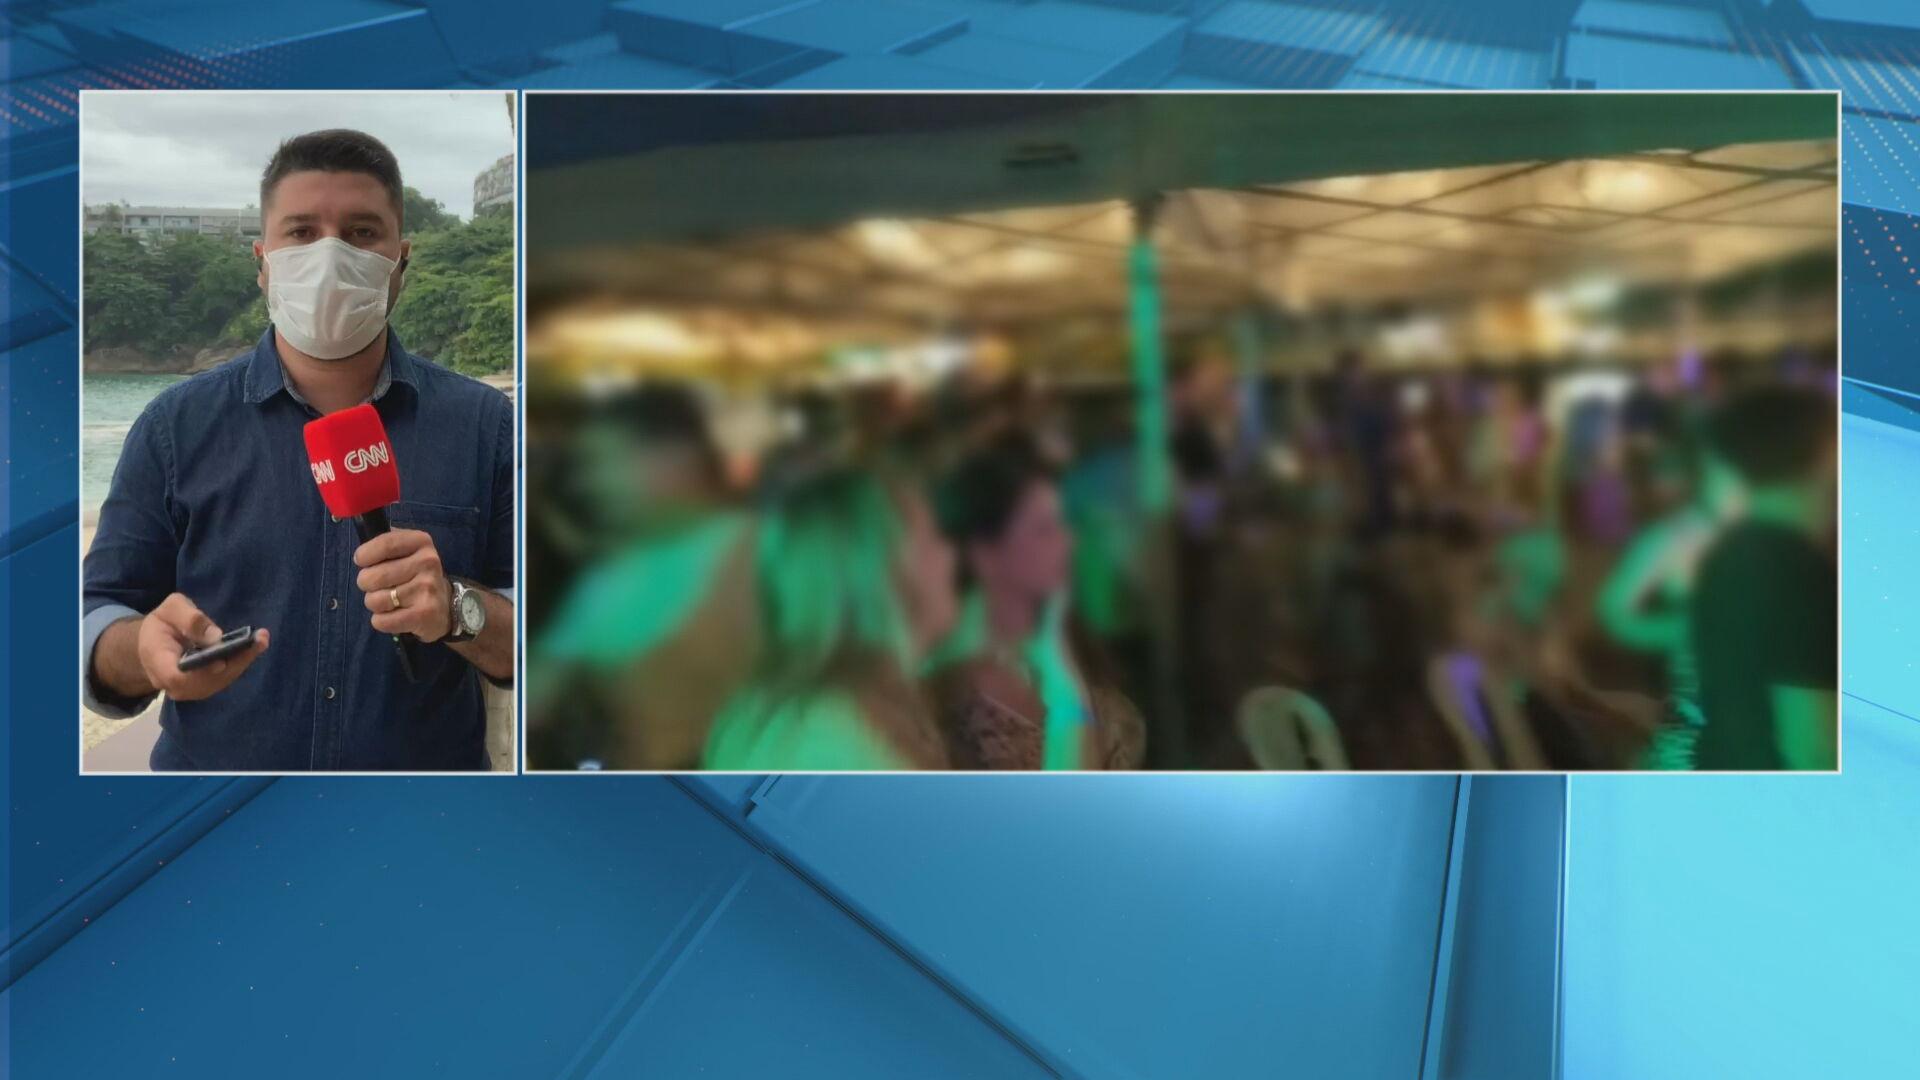 Bar no Rio de Janeiro foi autuado por festa com cerca de 200 pessoas